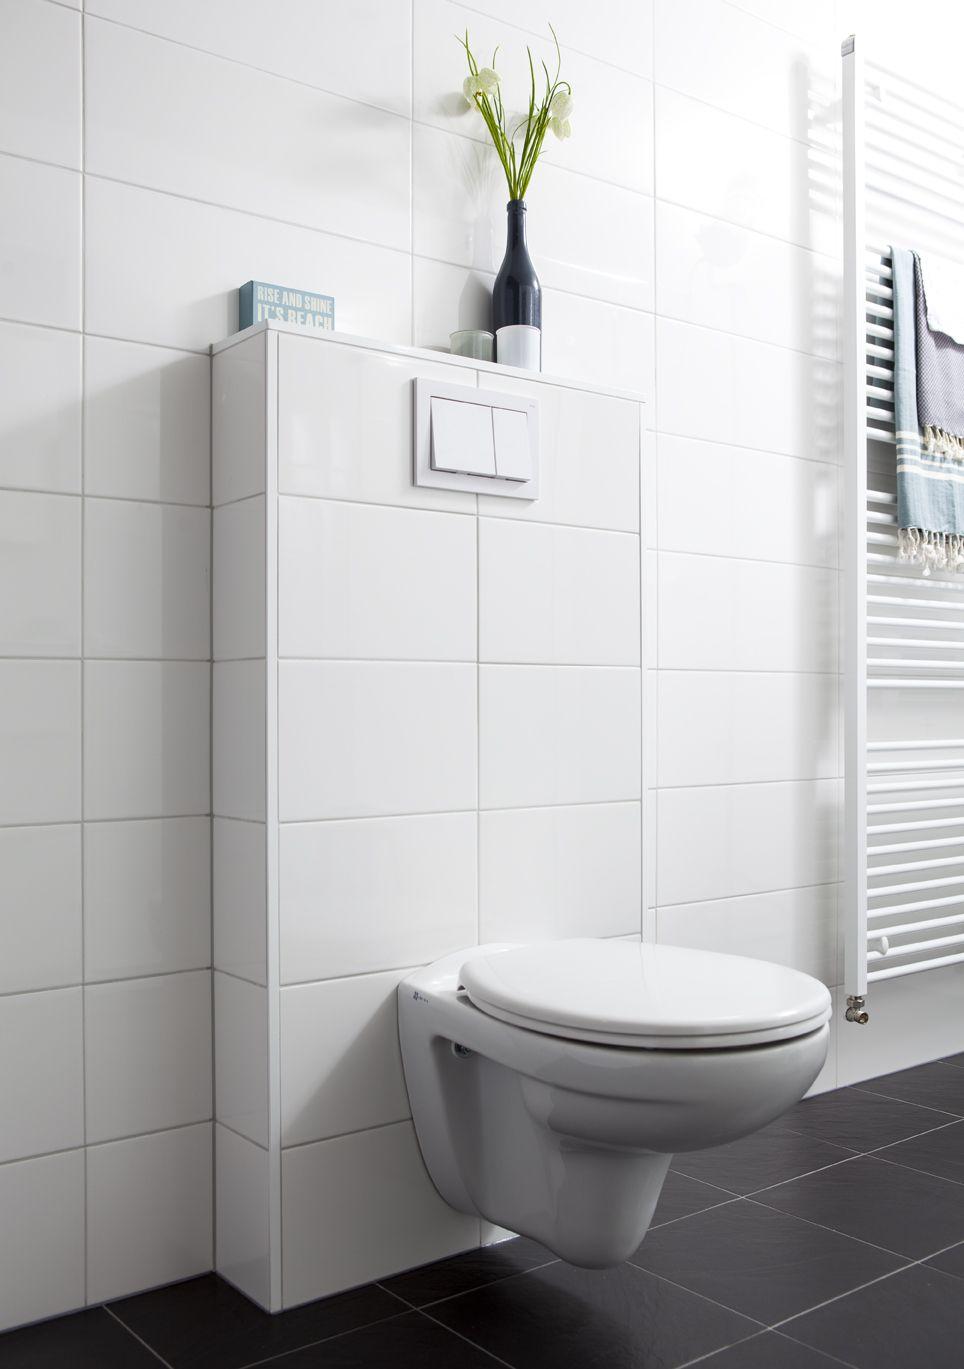 Toiletcombinatie All Inclusive De toiletcombinatie van de All ...